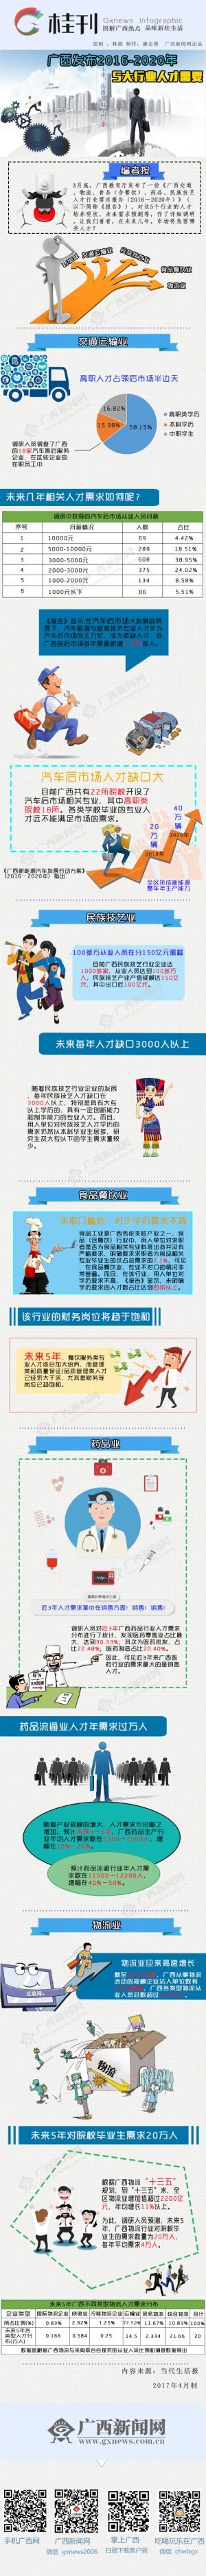 【桂刊】广西发布5大行业人才需要